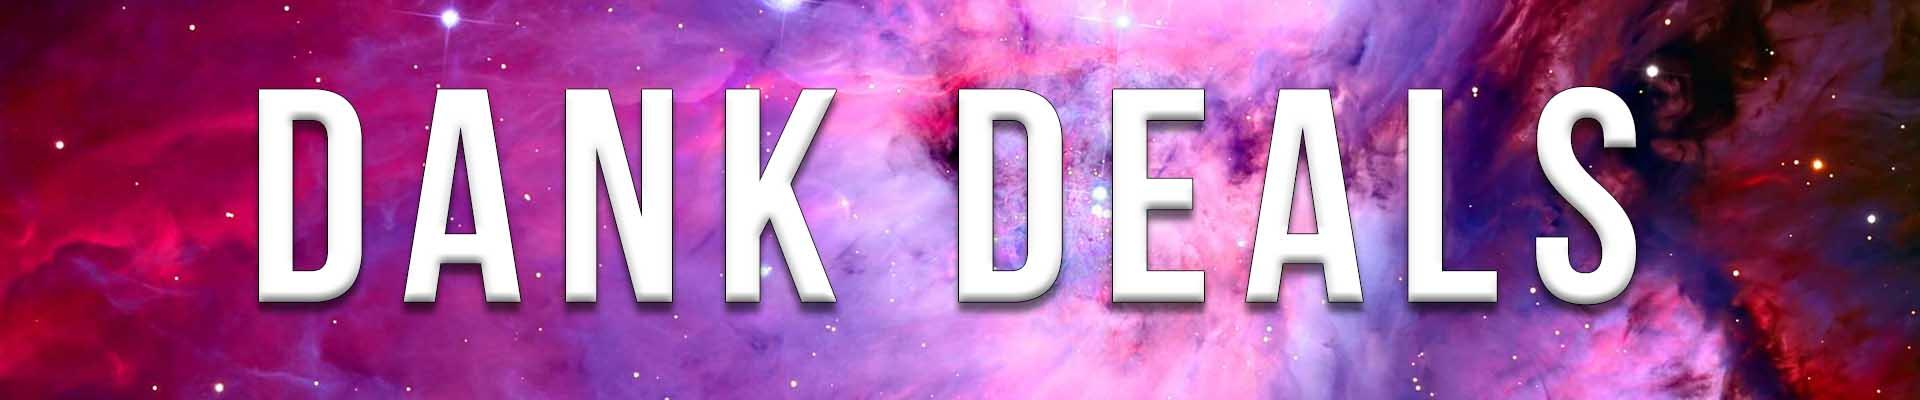 Elev8 Presents Dank Deals